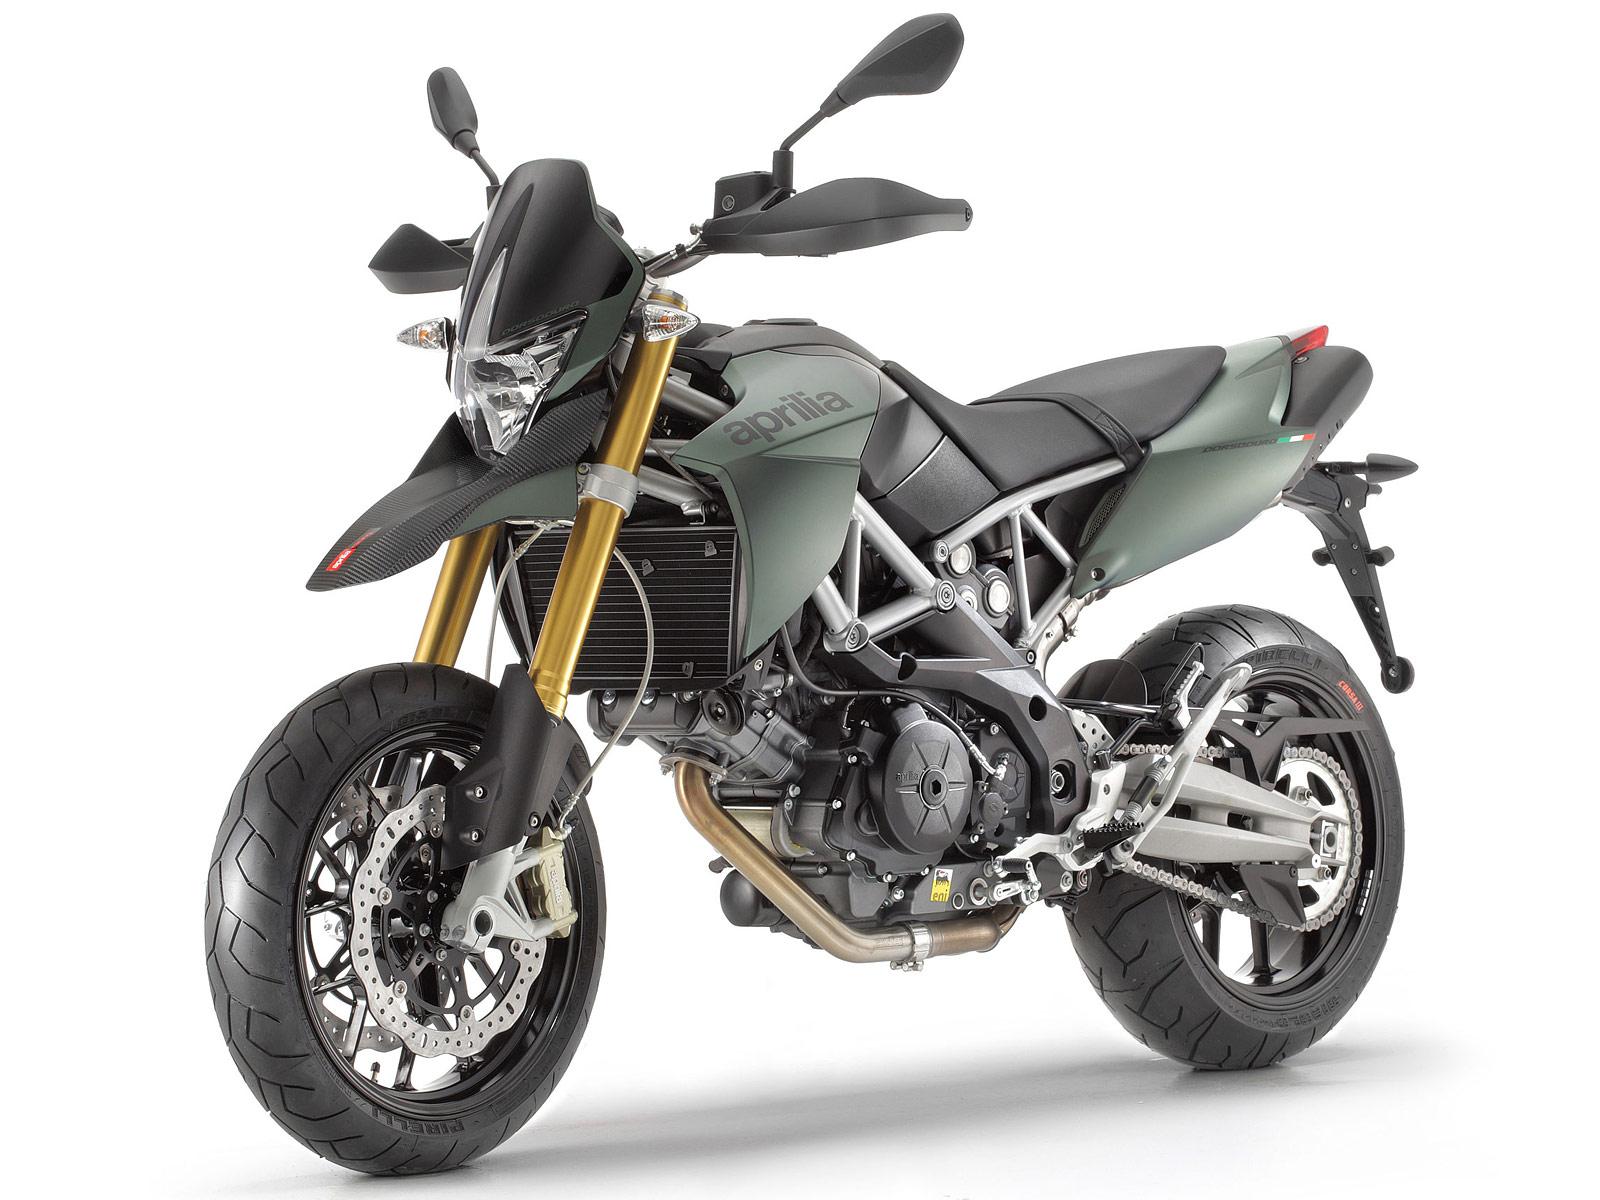 2012 aprilia dorsoduro 750 motorcycle photos. Black Bedroom Furniture Sets. Home Design Ideas